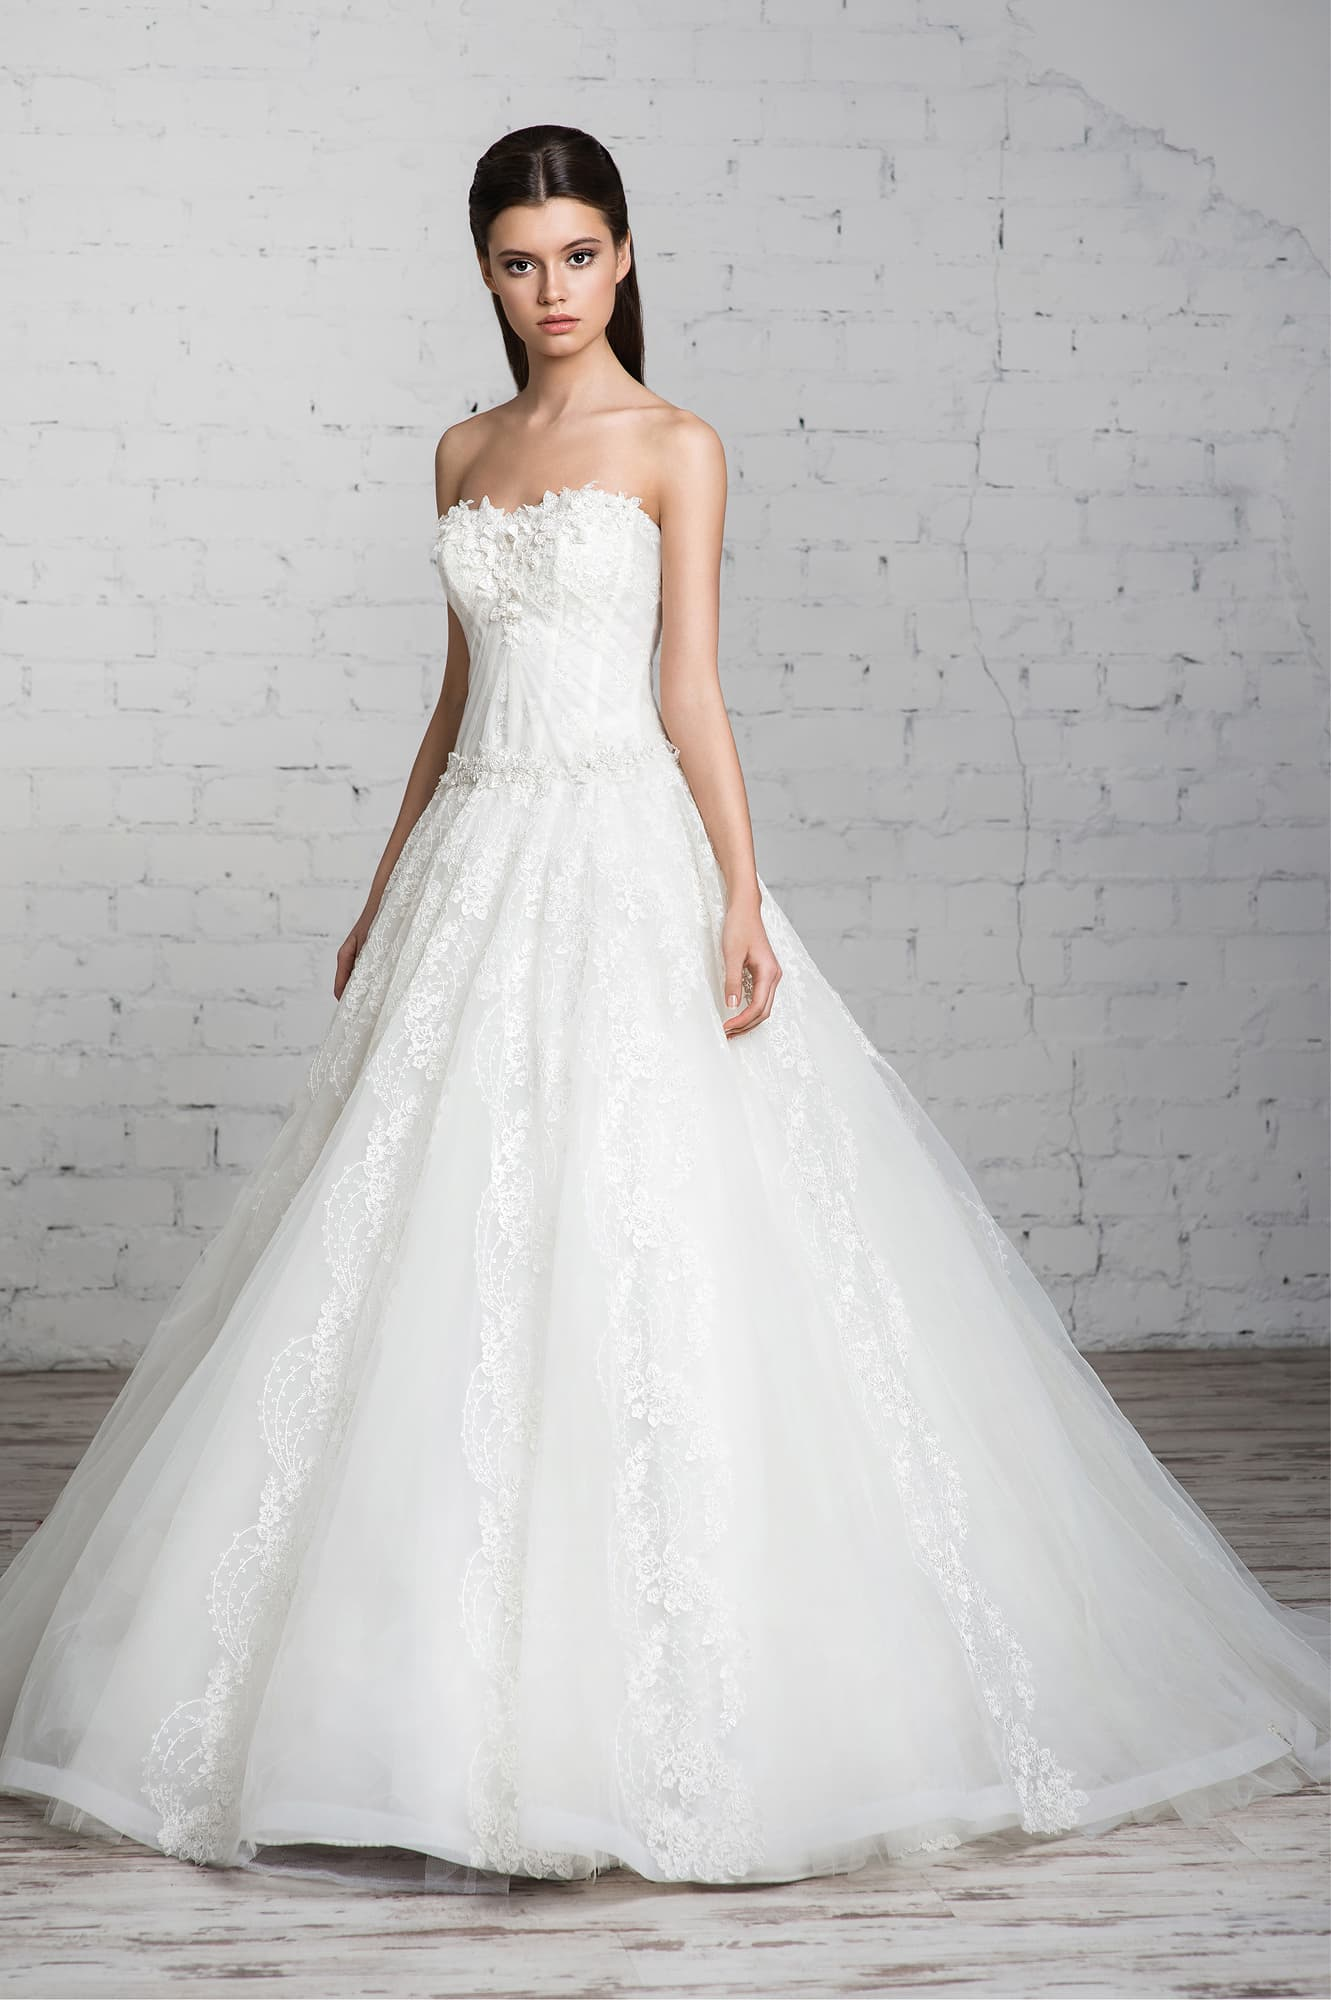 Свадебные платья модель а силуэт